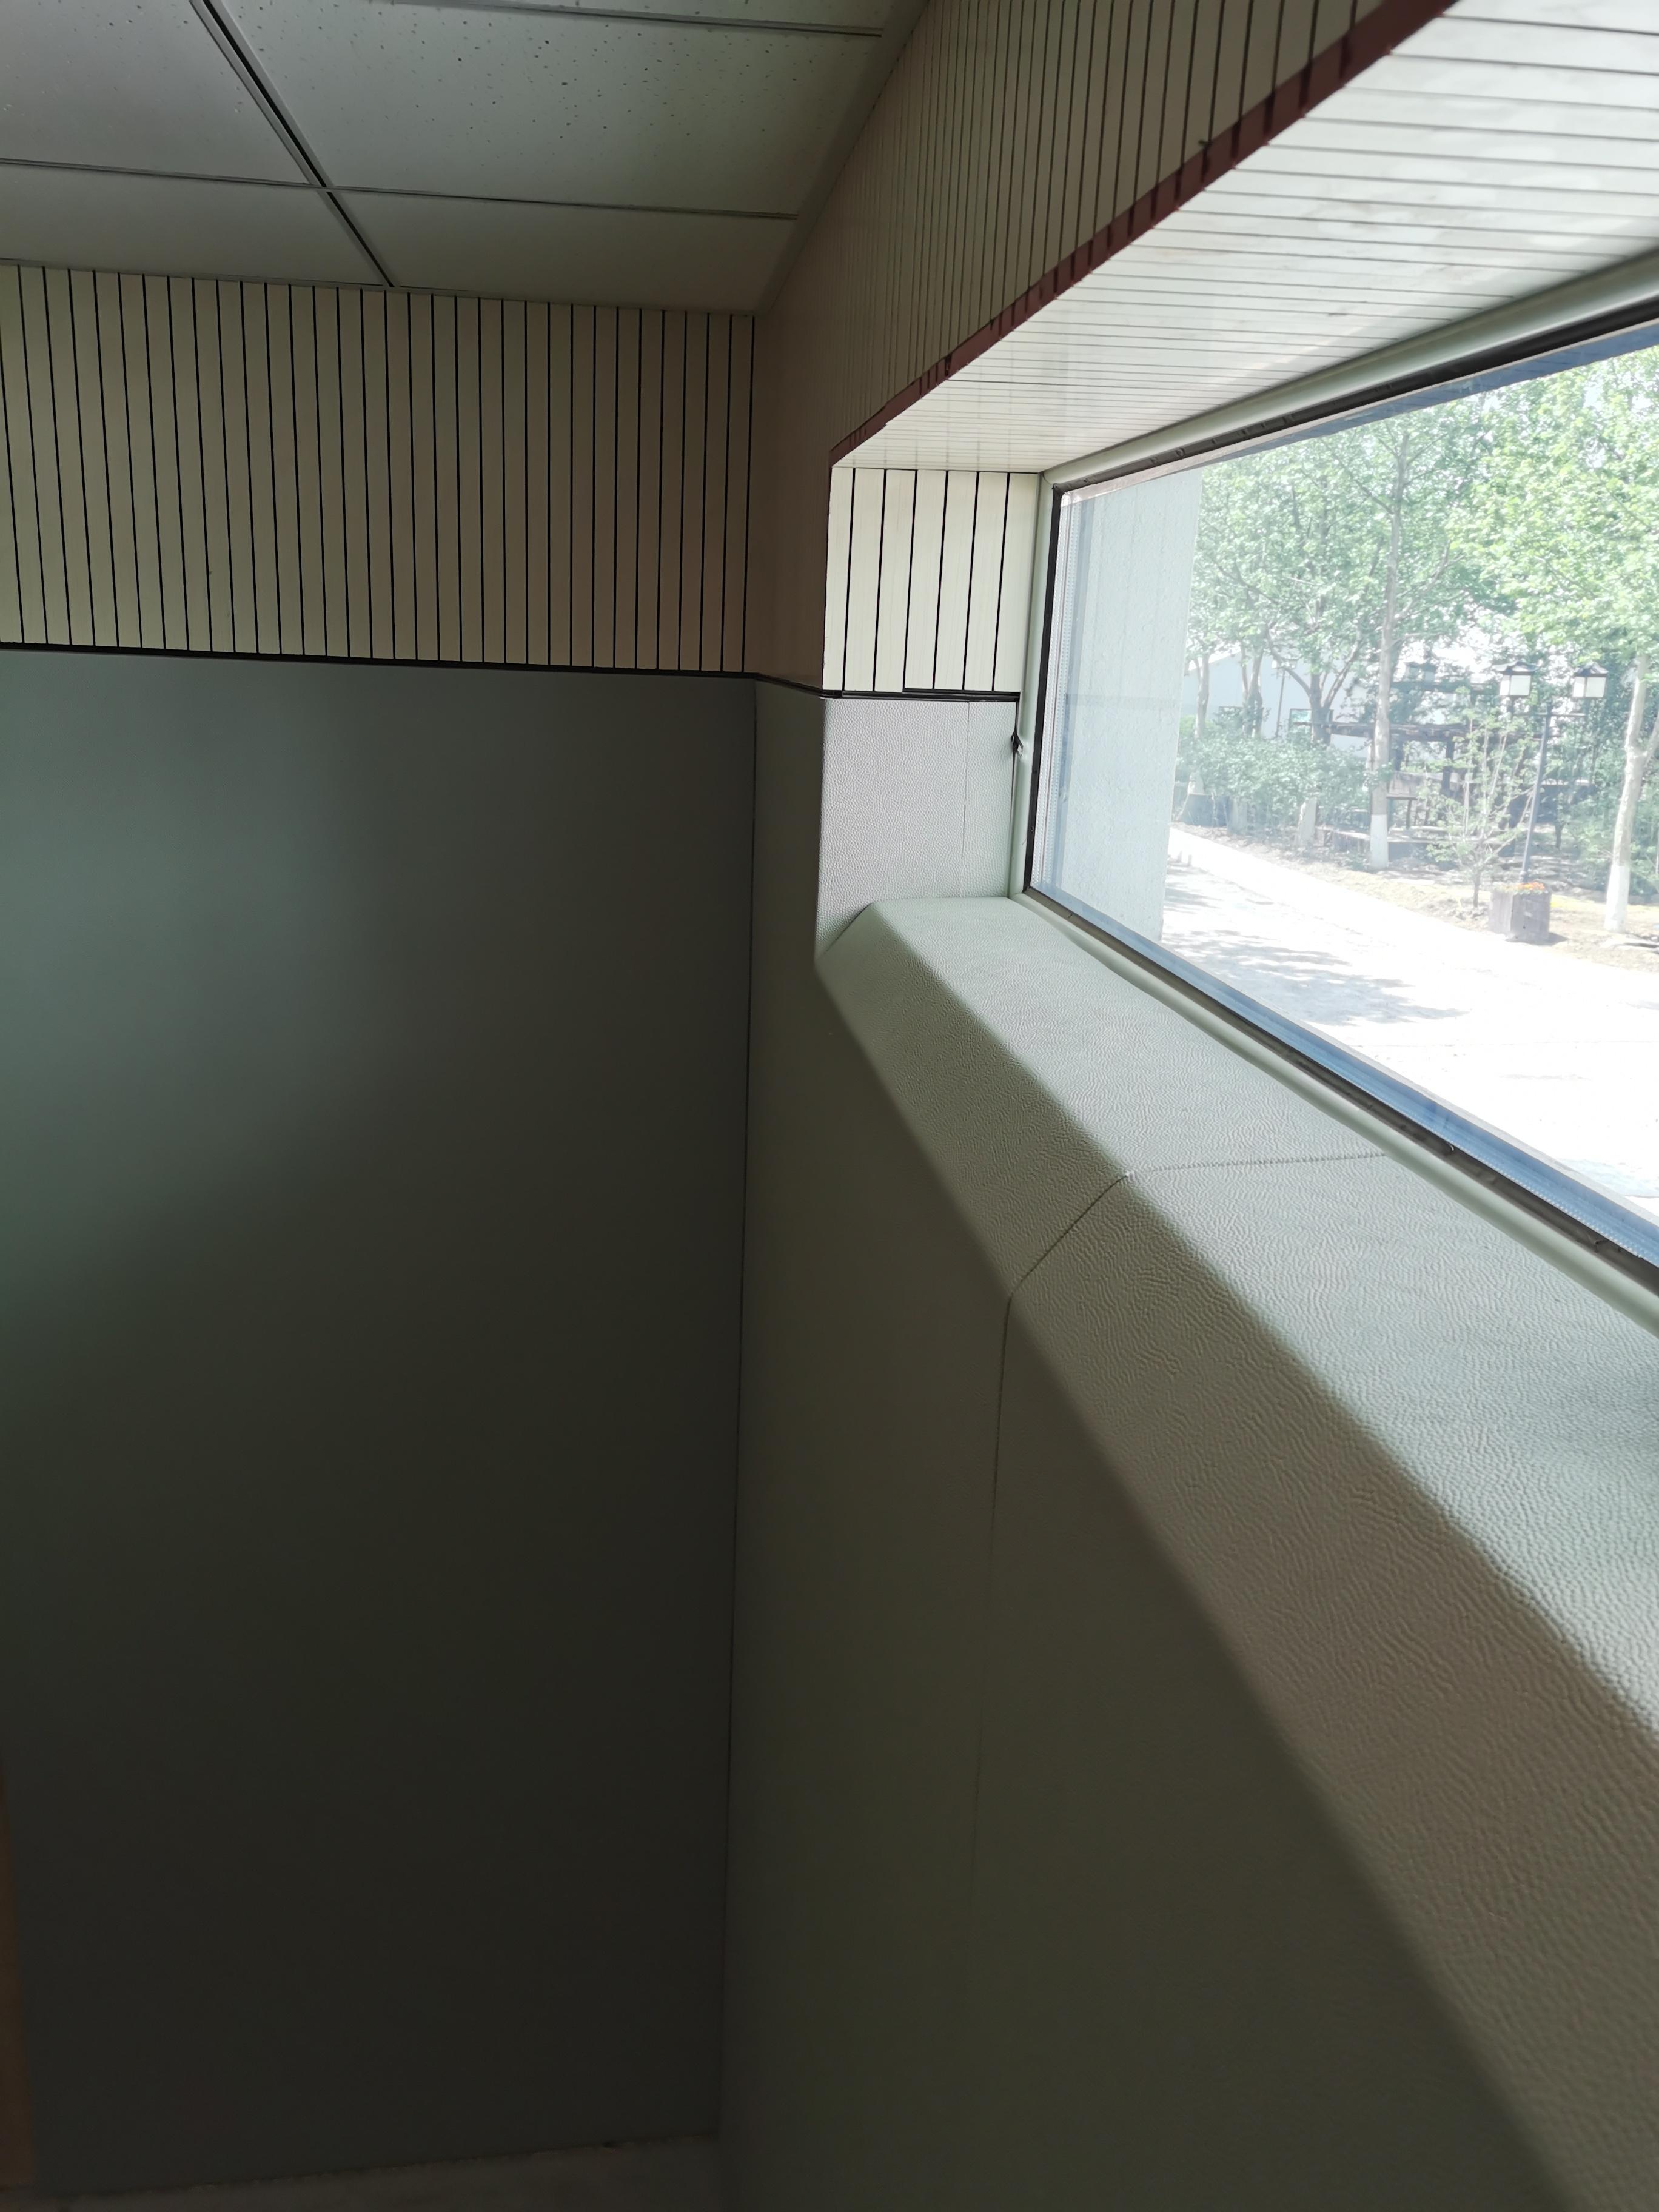 保山审讯室防撞软包 皮革阻燃防撞墙 环保软包厂家